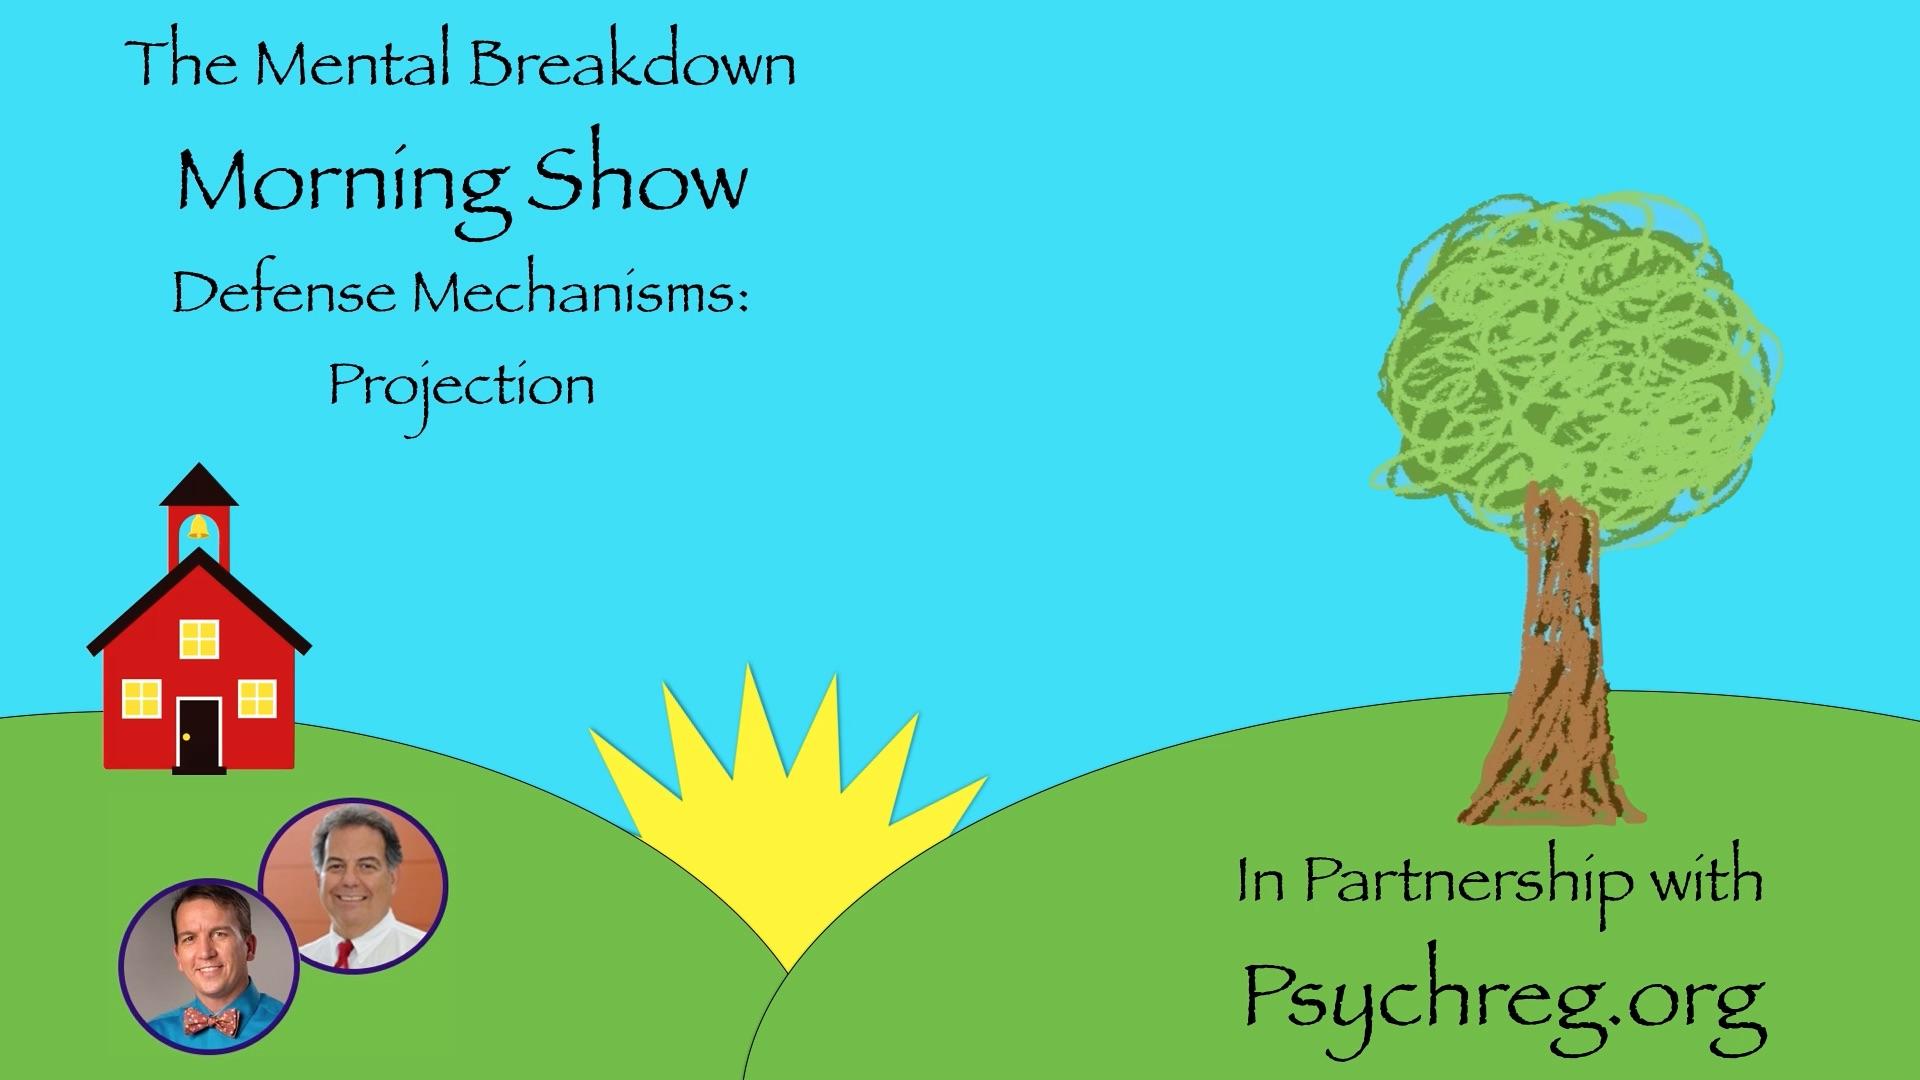 Defense Mechanisms Projection The Mental Breakdown